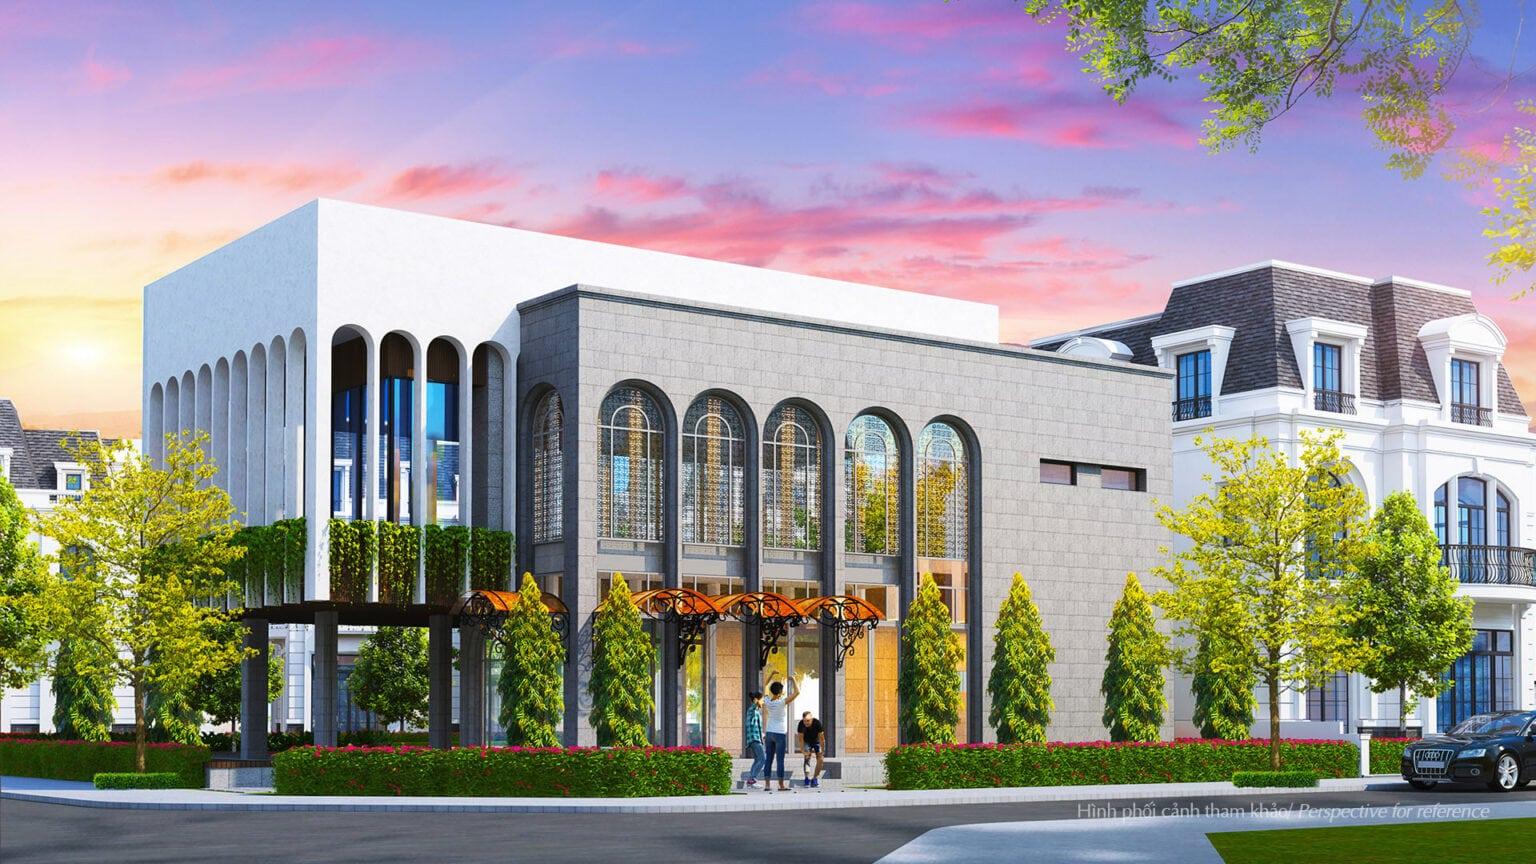 Clubhouse Amelie Villa gồm 2 tầng được bao bọc bởi hệ thống cảnh quan xanh và có thiết kế nổi bật với những mái vòm cong, tương đồng với phong cách Tân Cổ điển Pháp của dự án – Hình phối cảnh tham khảo.